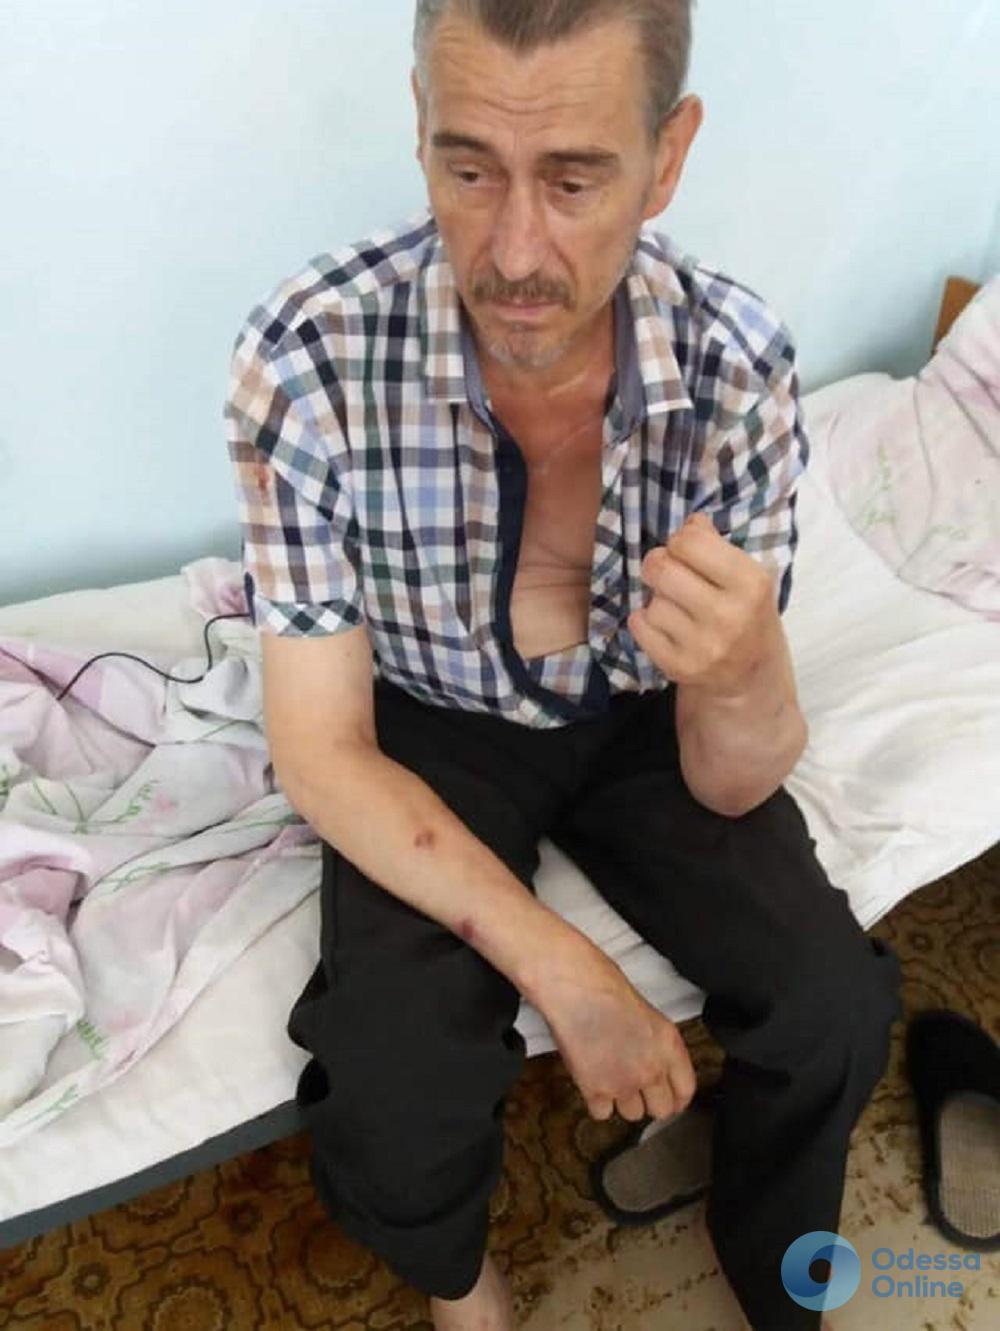 Приехал в Одессу и пропал: родственники разыскивают мужчину